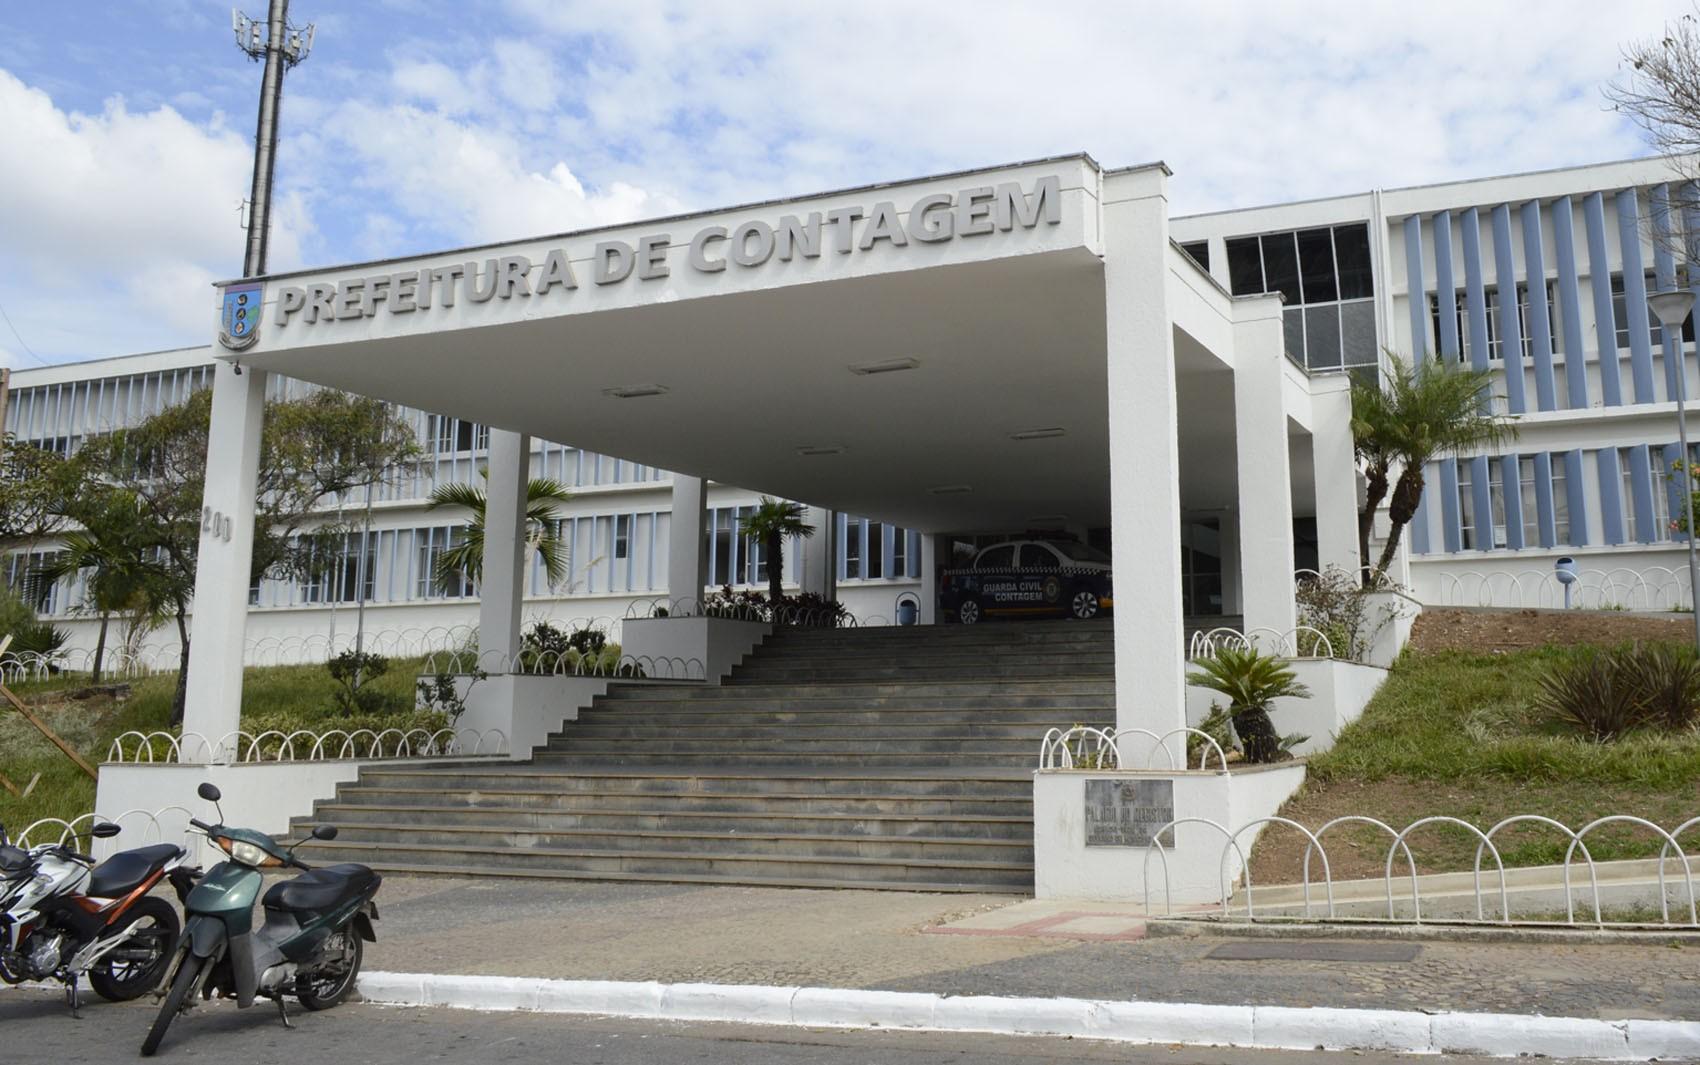 Candidatos a prefeito de Betim, Contagem, Ibirité e Nova Lima nas eleições 2020: veja quem são